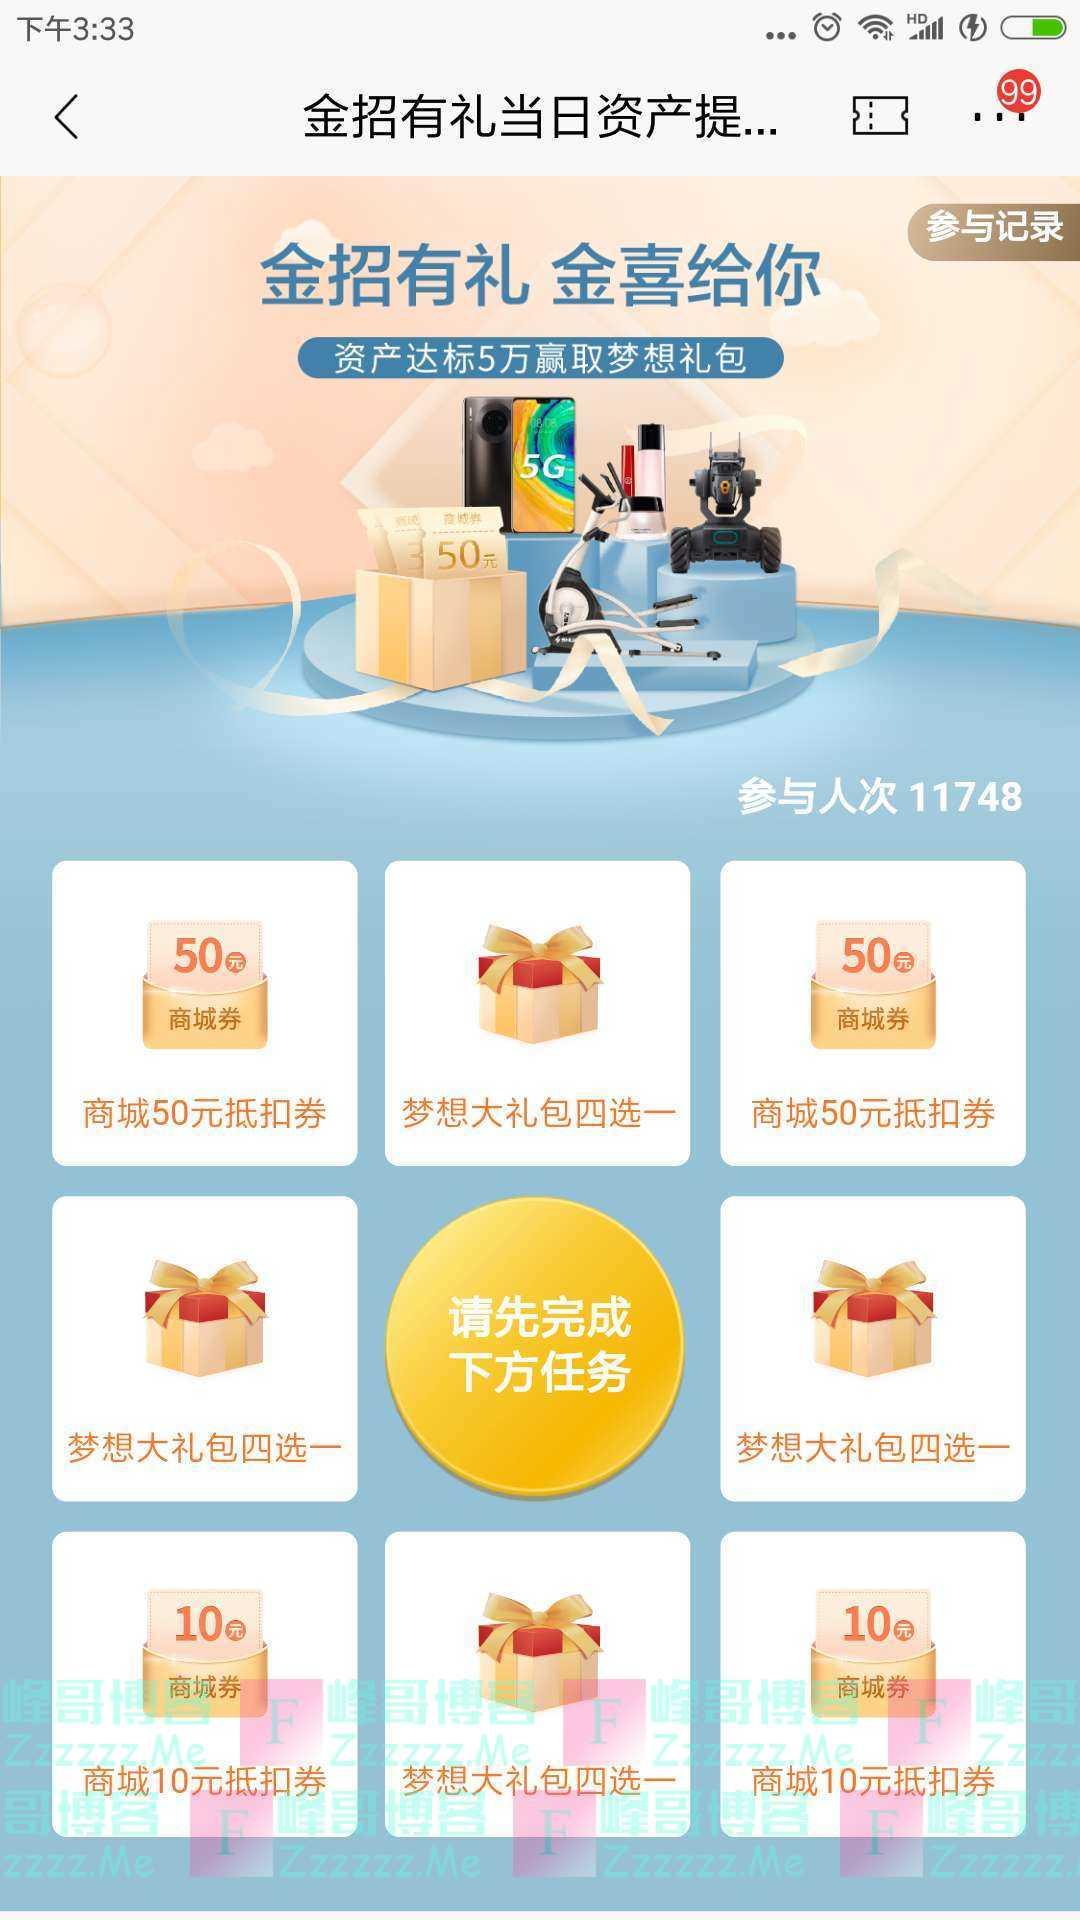 招行金招有礼当日资产提升达标礼(截止6月30日)